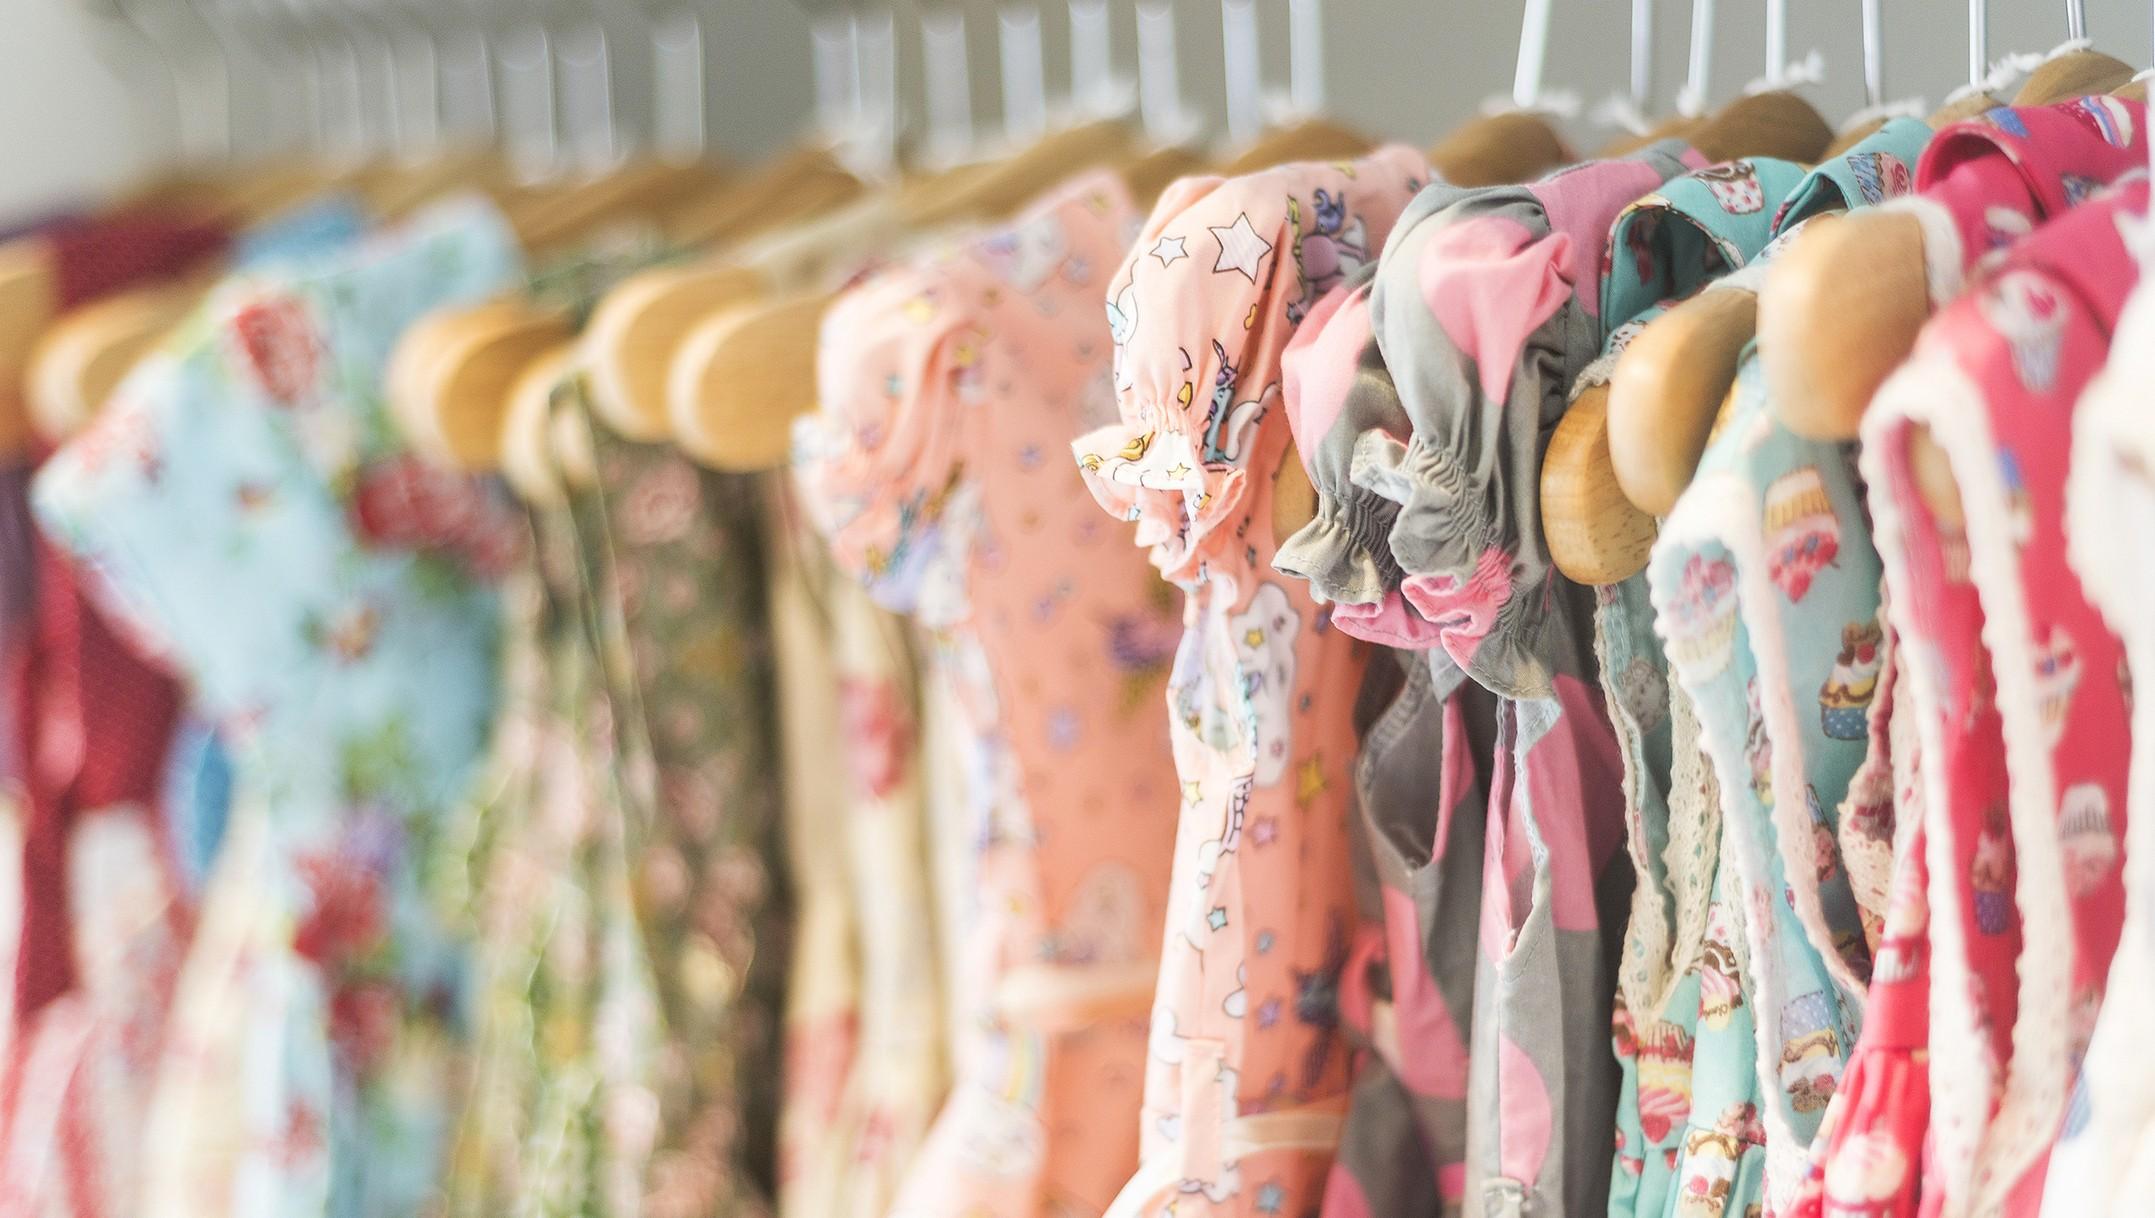 günstige kleider aus china als teurer spaß | krone.at